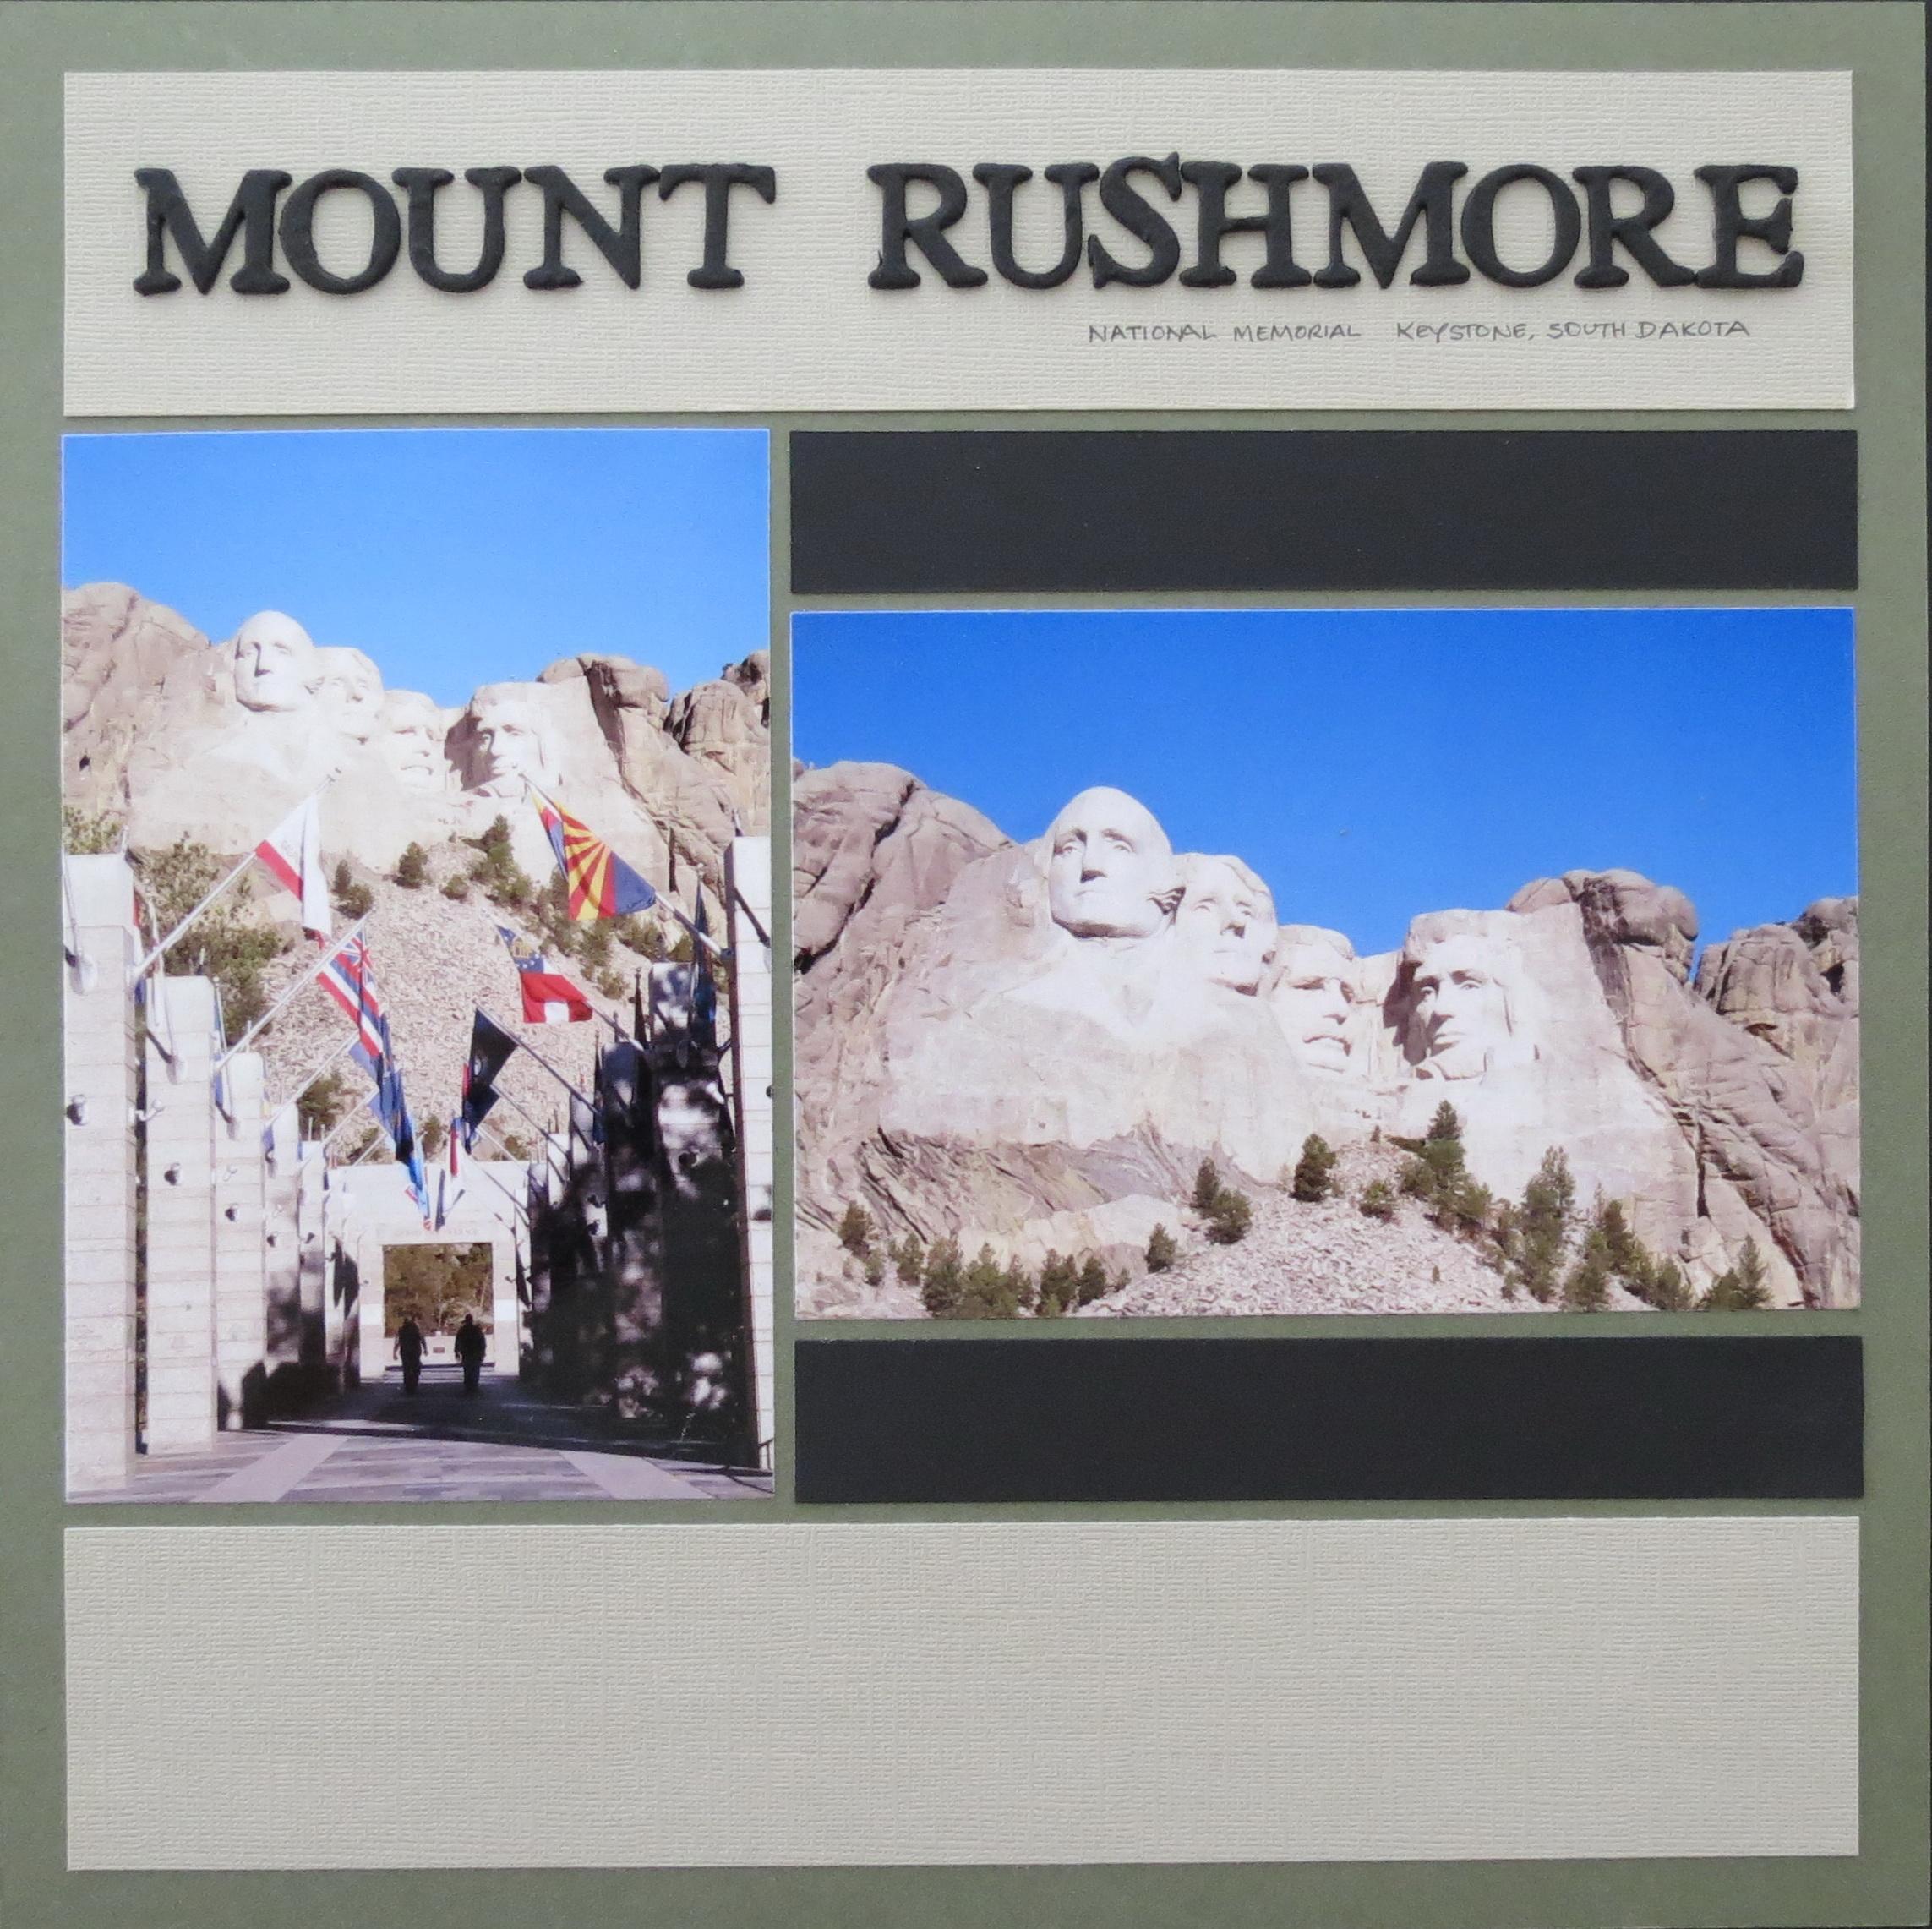 How to scrapbook memories - Mm Scrapbooking Vacation Memories 280 Mount Rushmore